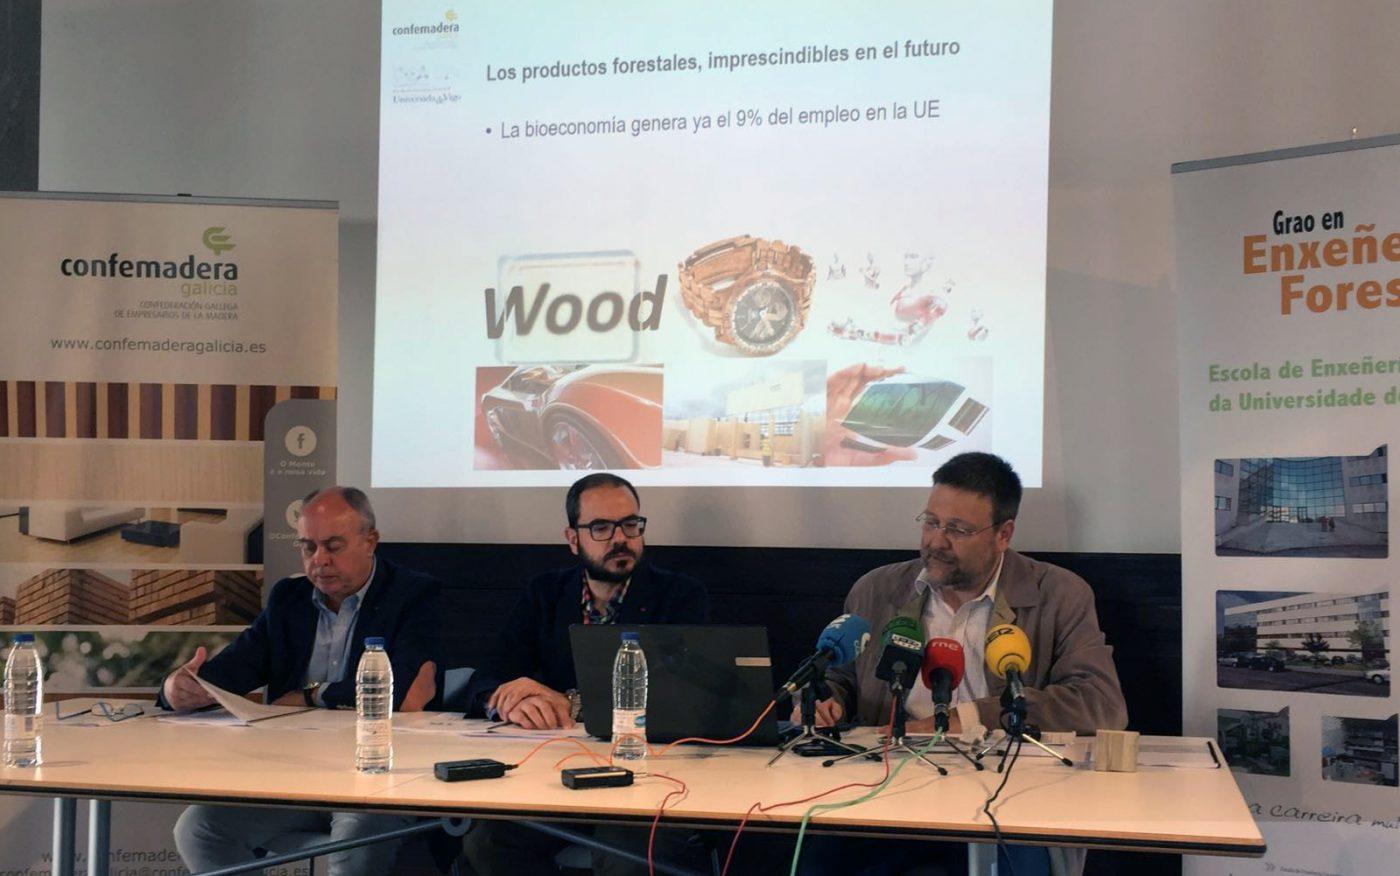 La industria de la madera y el mueble de Galicia facturó 1.941 millones de euros en 2015